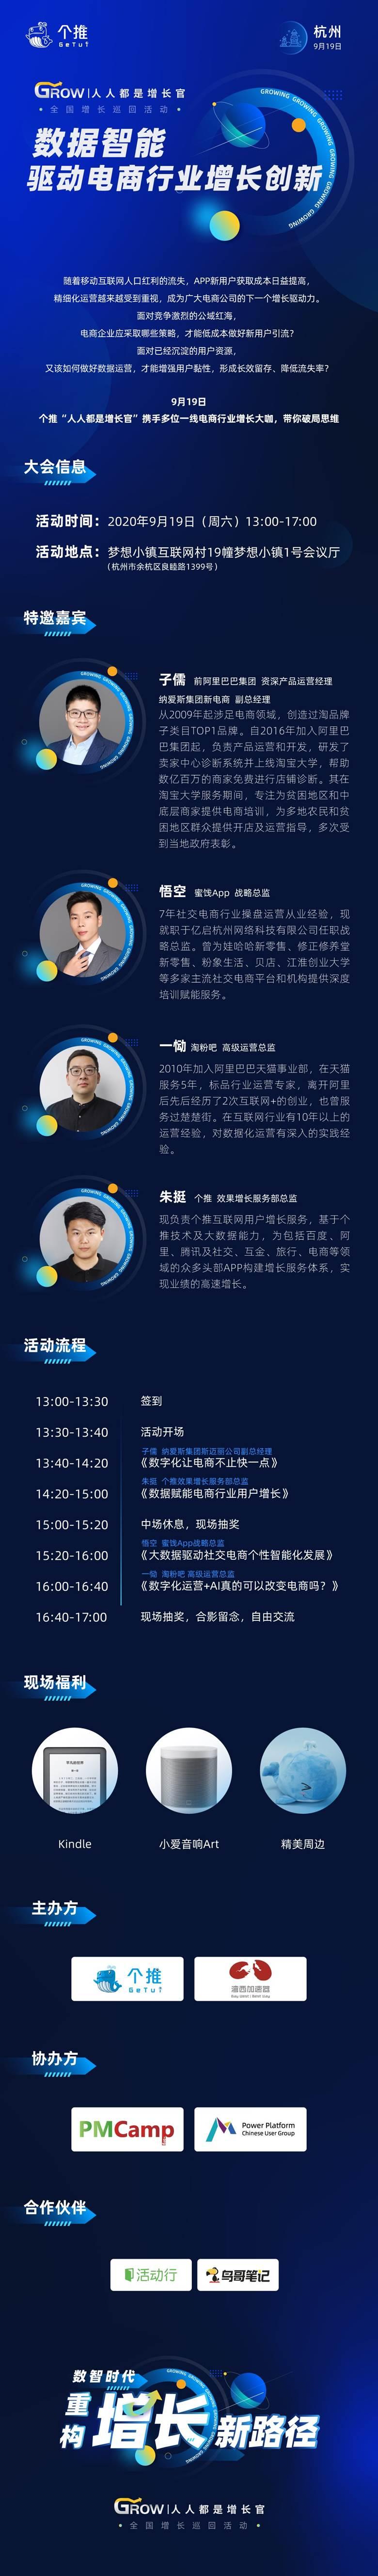 活动行物料-杭州场_详情页长图.png